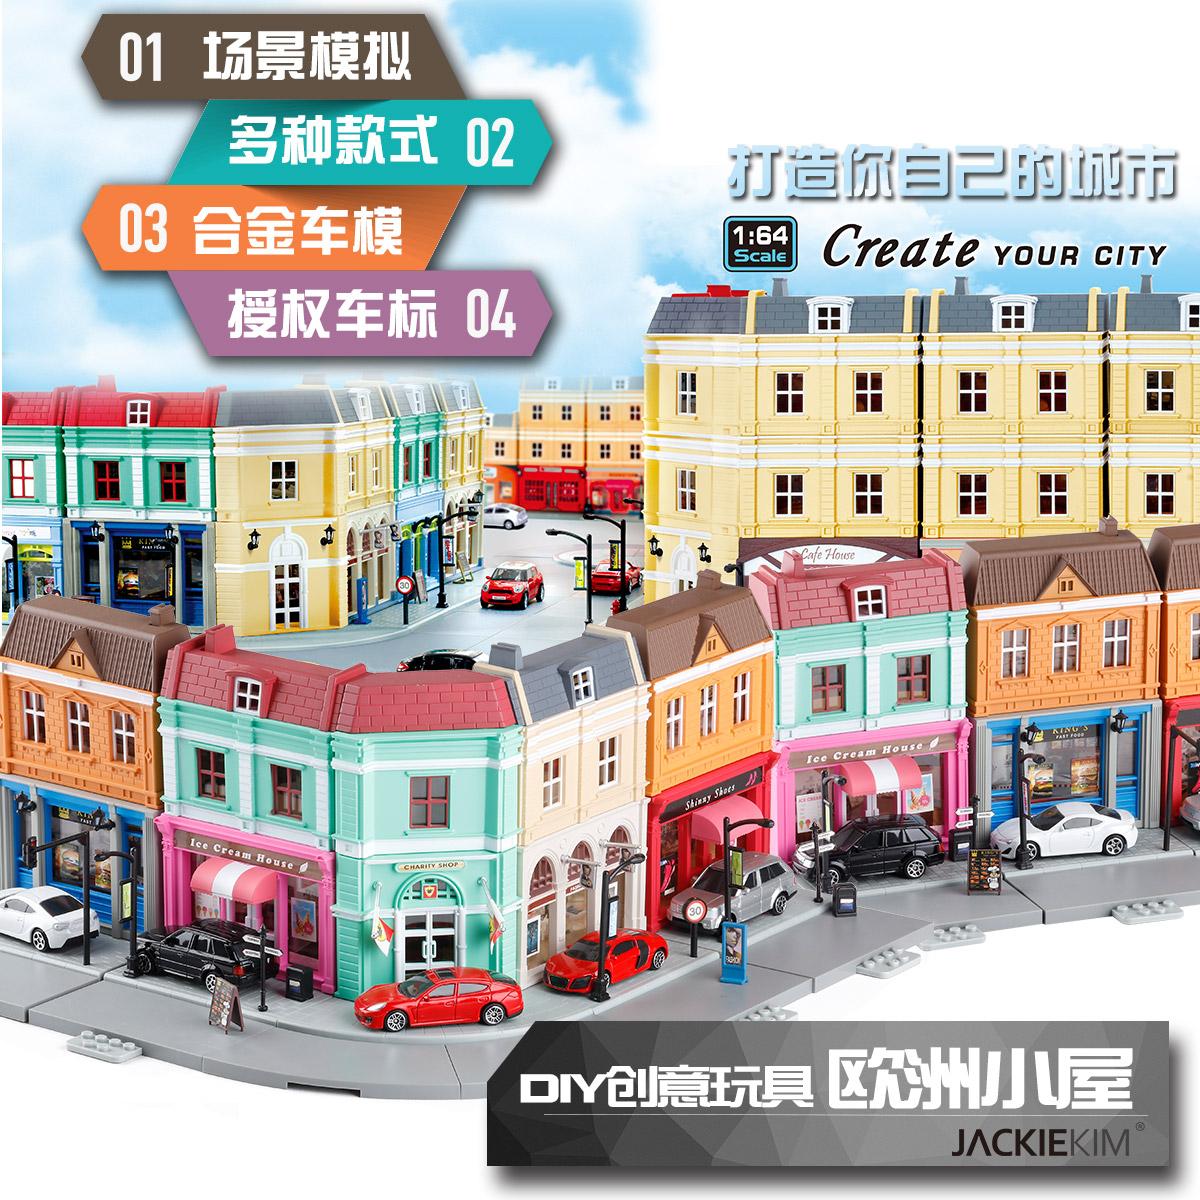 兼容TOMY SIKU等1:64合金汽车模型玩具 城市街景房屋建筑欧洲小屋